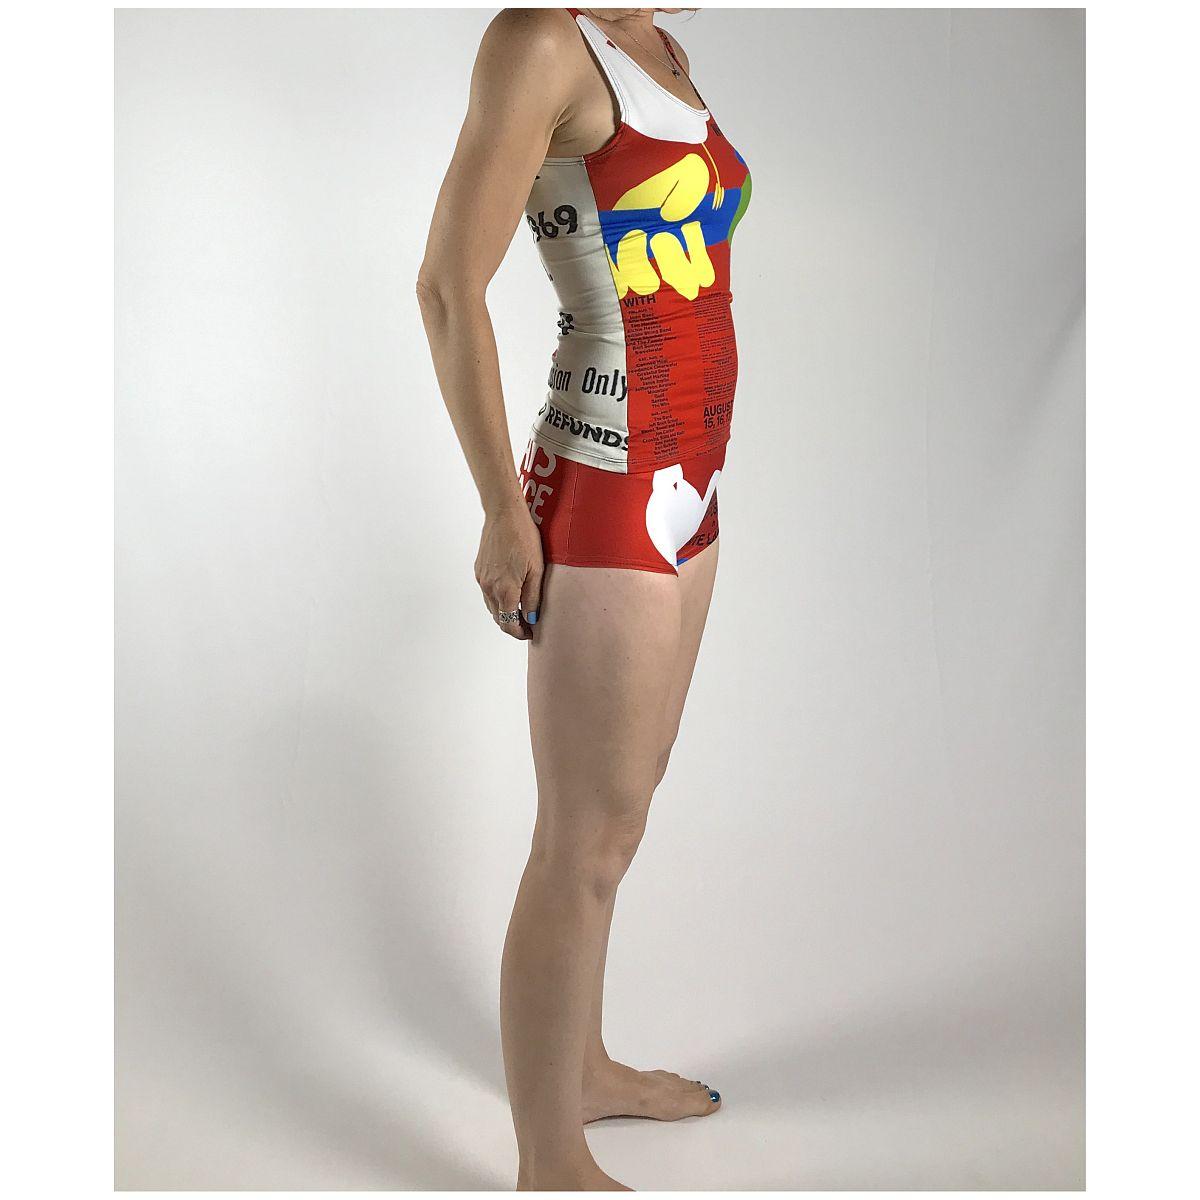 Woodstock Poster Short Short/Swim Suit Bottom